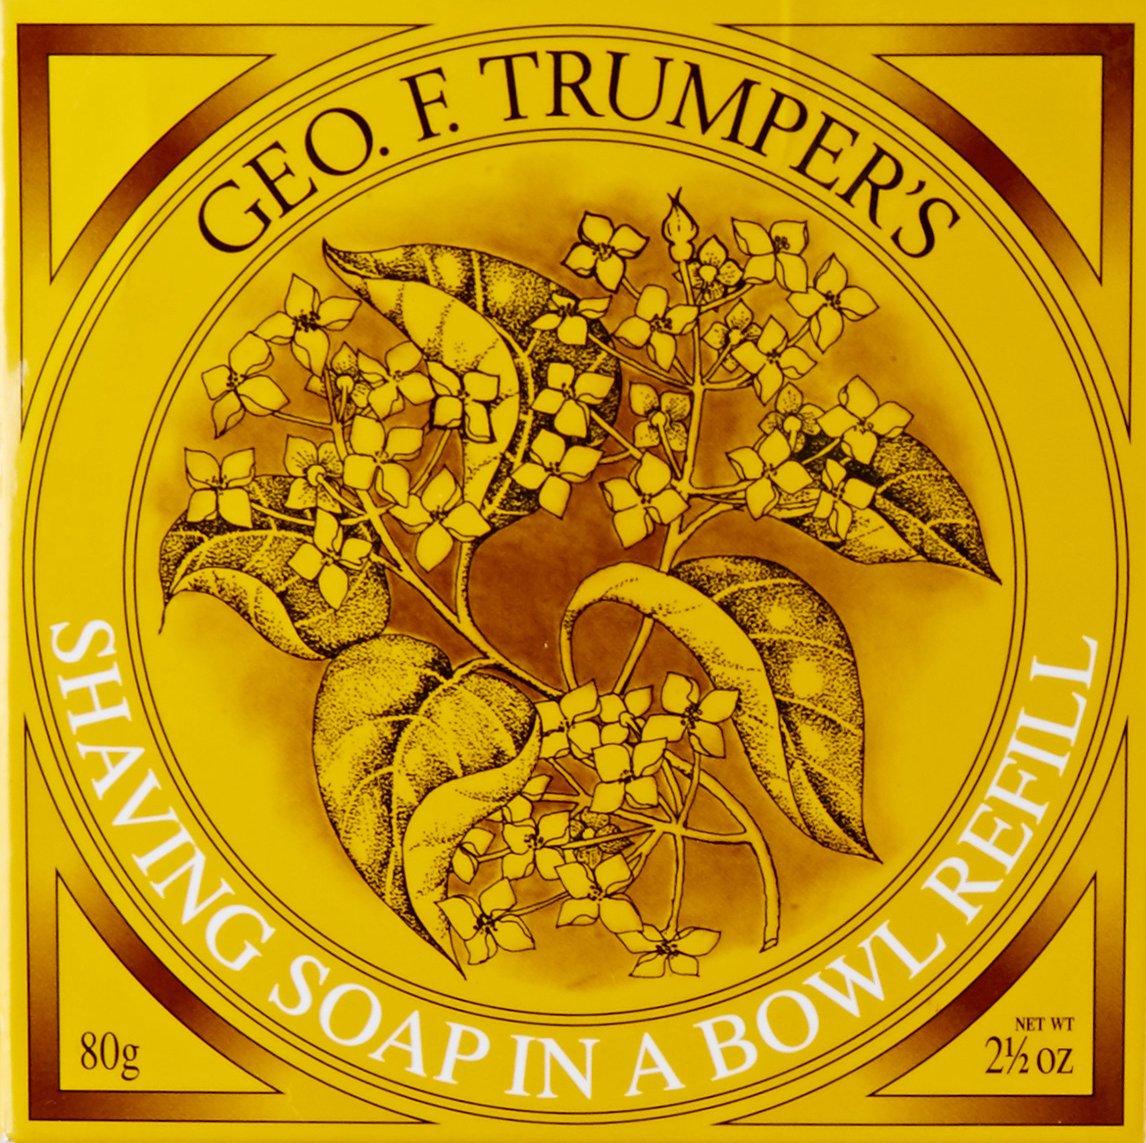 Geo F. Trumper Sandalwood Shave Soap Refill Geo F Trumper W095087